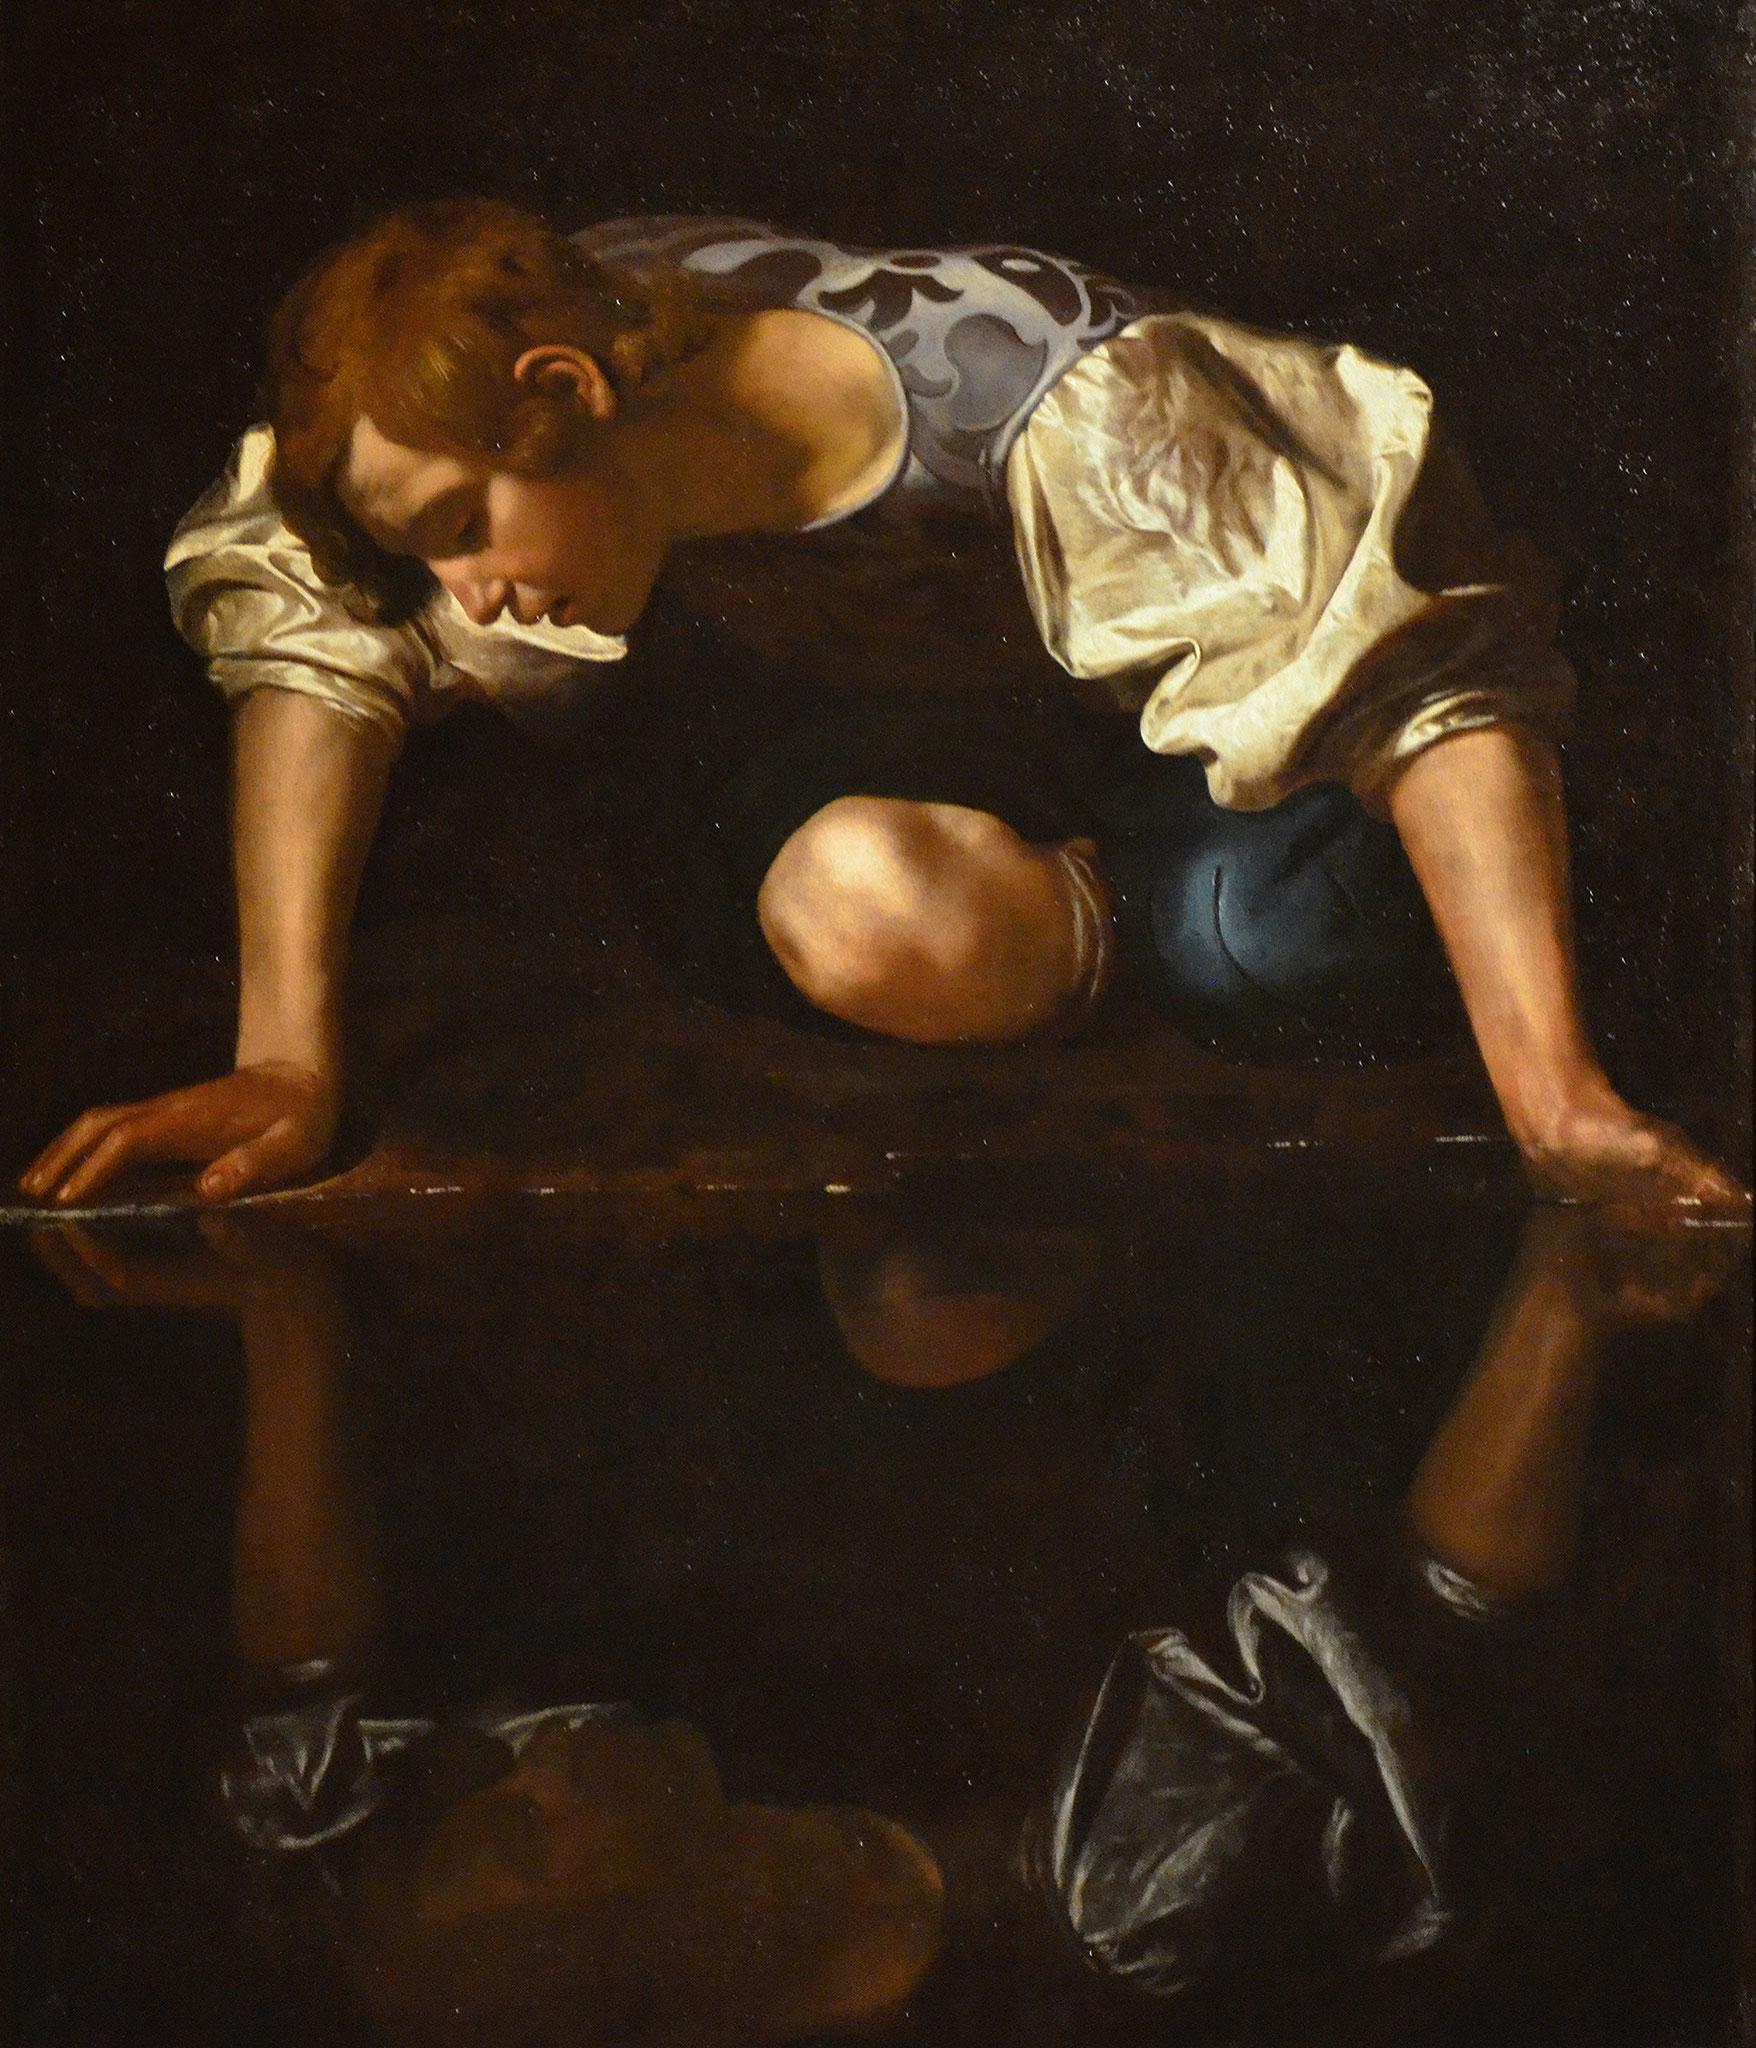 CARAVAGE, Narcisse, 1598-99, huile sur toile